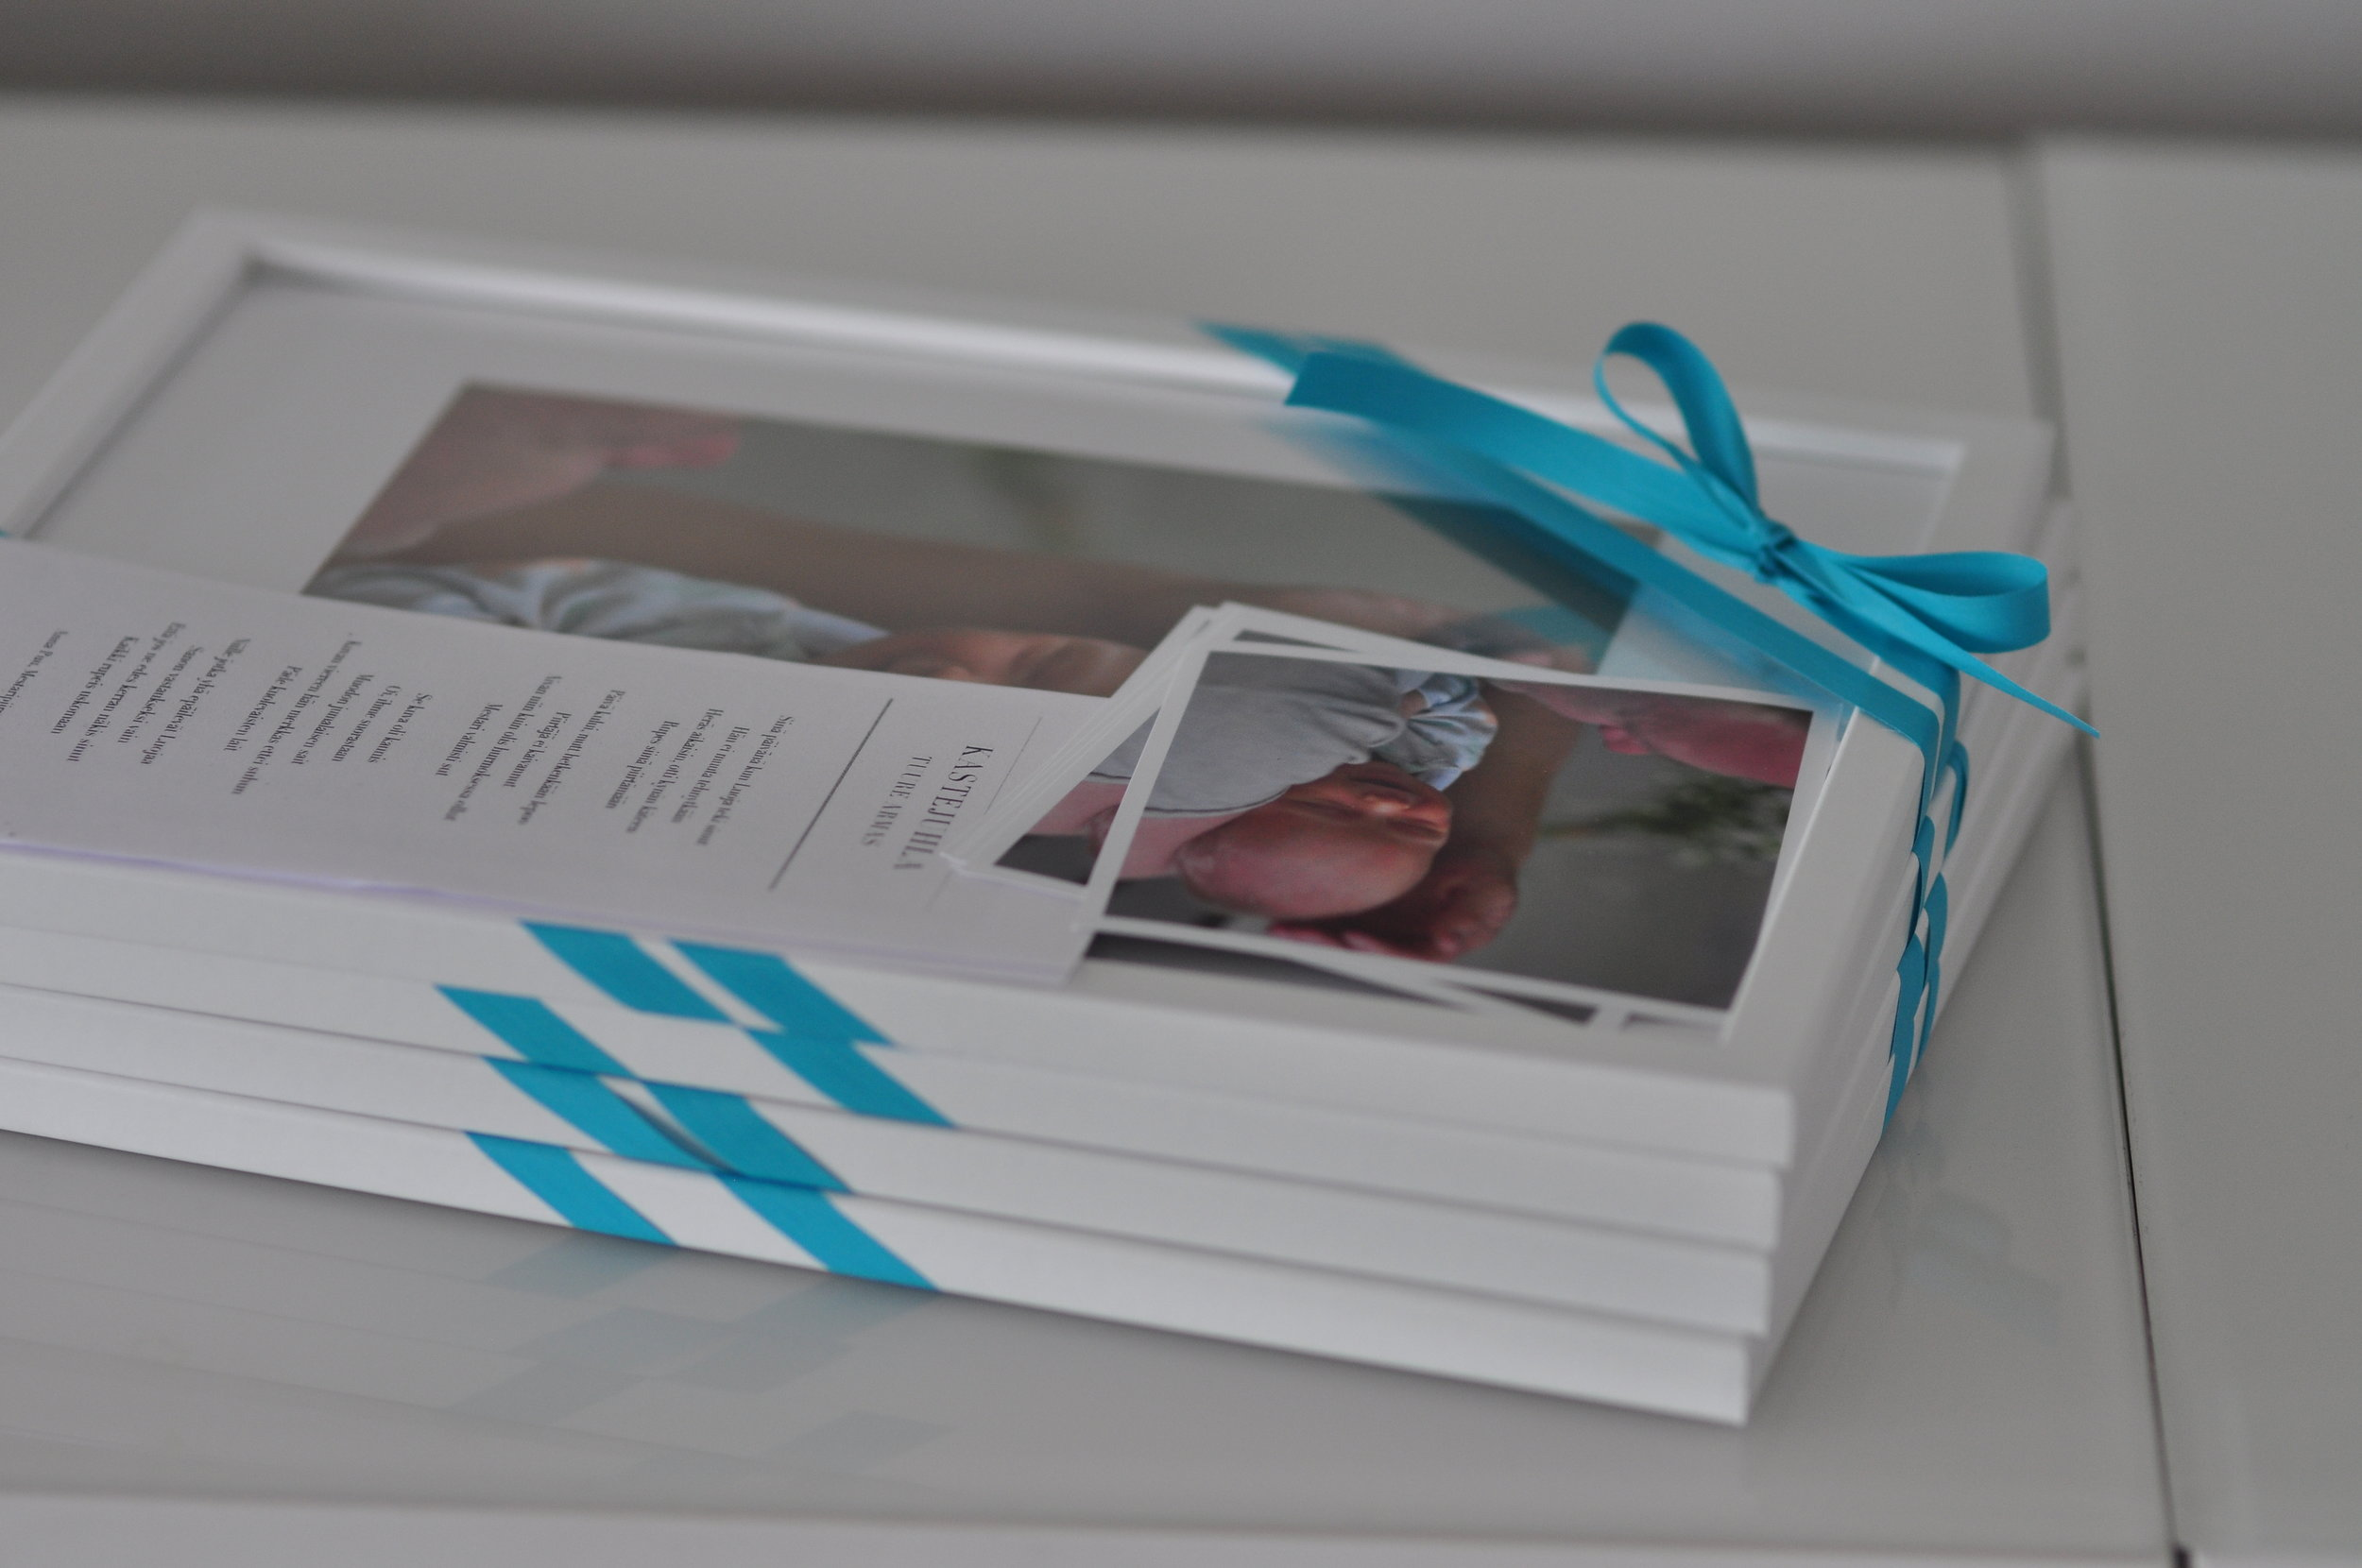 Isovanhemmat ja kummit saivat lahjaksi kehystetyt valokuvat päivänsankarista. Myös muille vieraille oli pienet kiitoskortit samasta kuvasta.